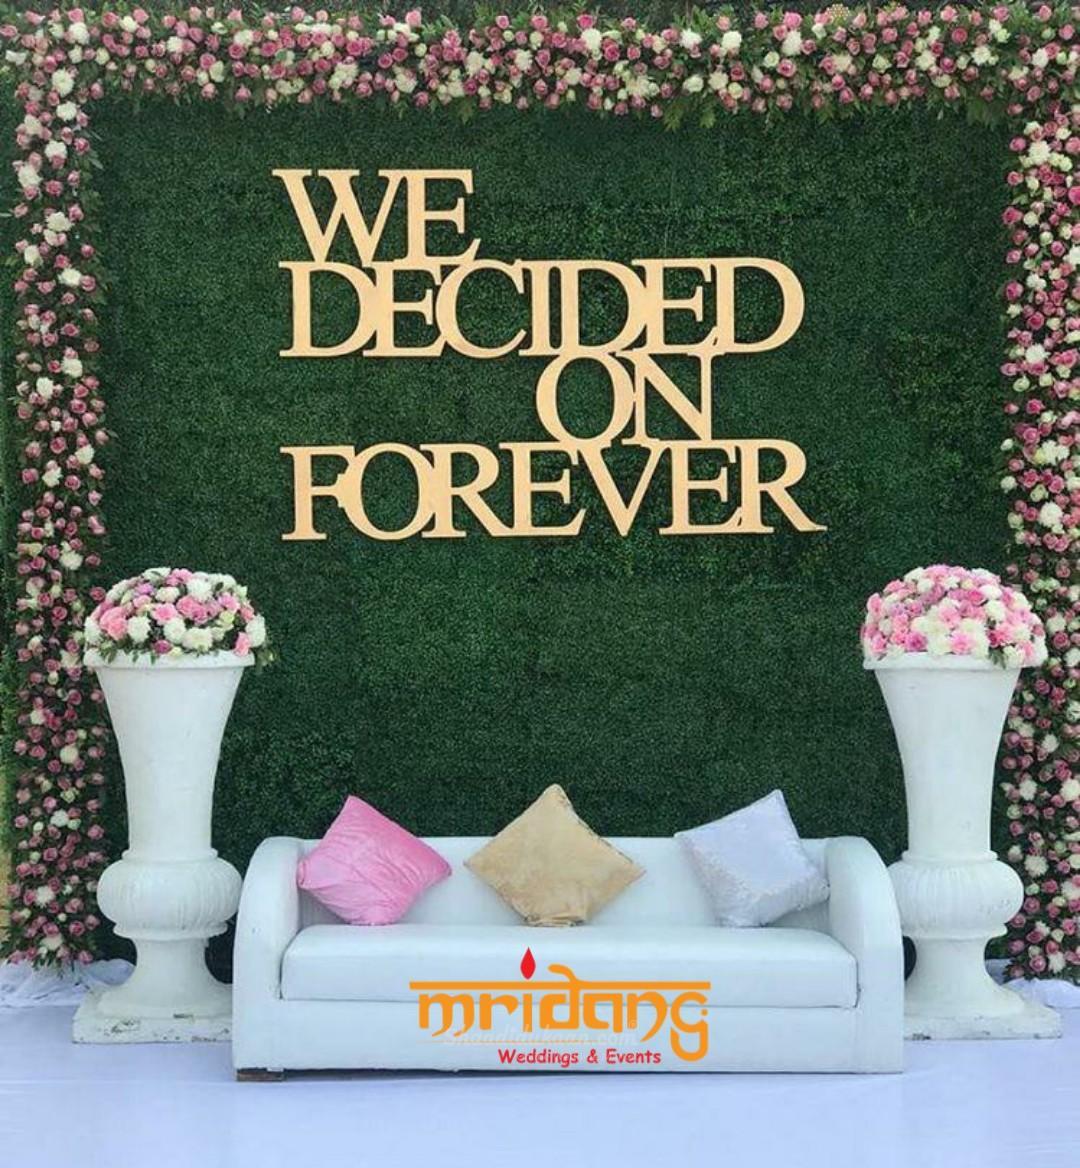 Mridang Events